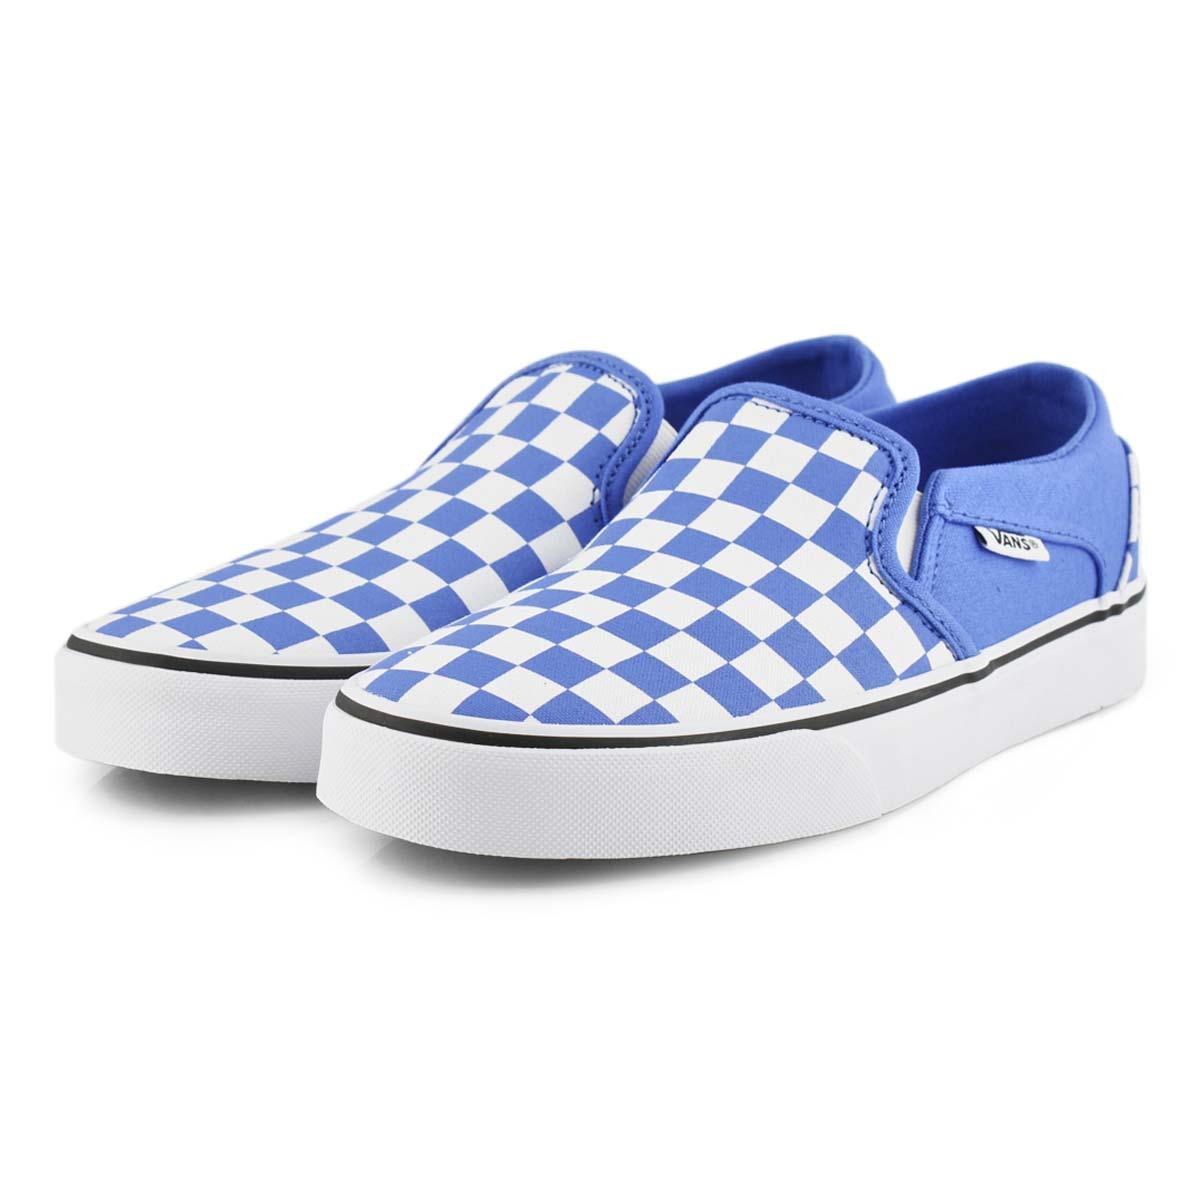 Women's Asher Sneaker - Nebulas Blue/White